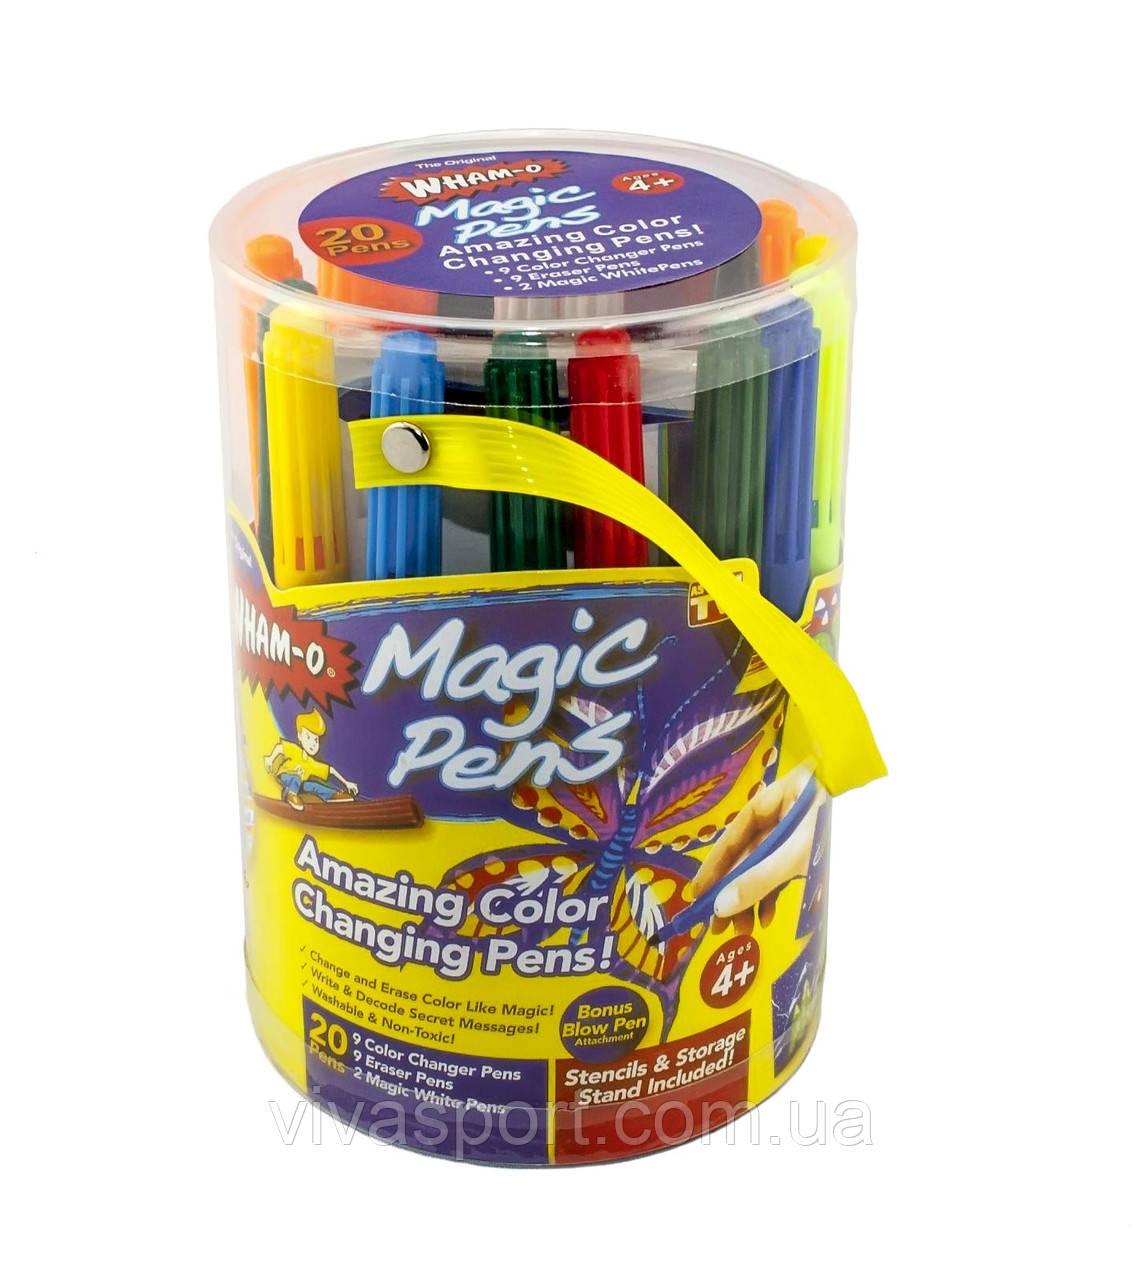 Волшебные экологические фломастеры для детей Magic Pens 20 шт., Меджик Пенс